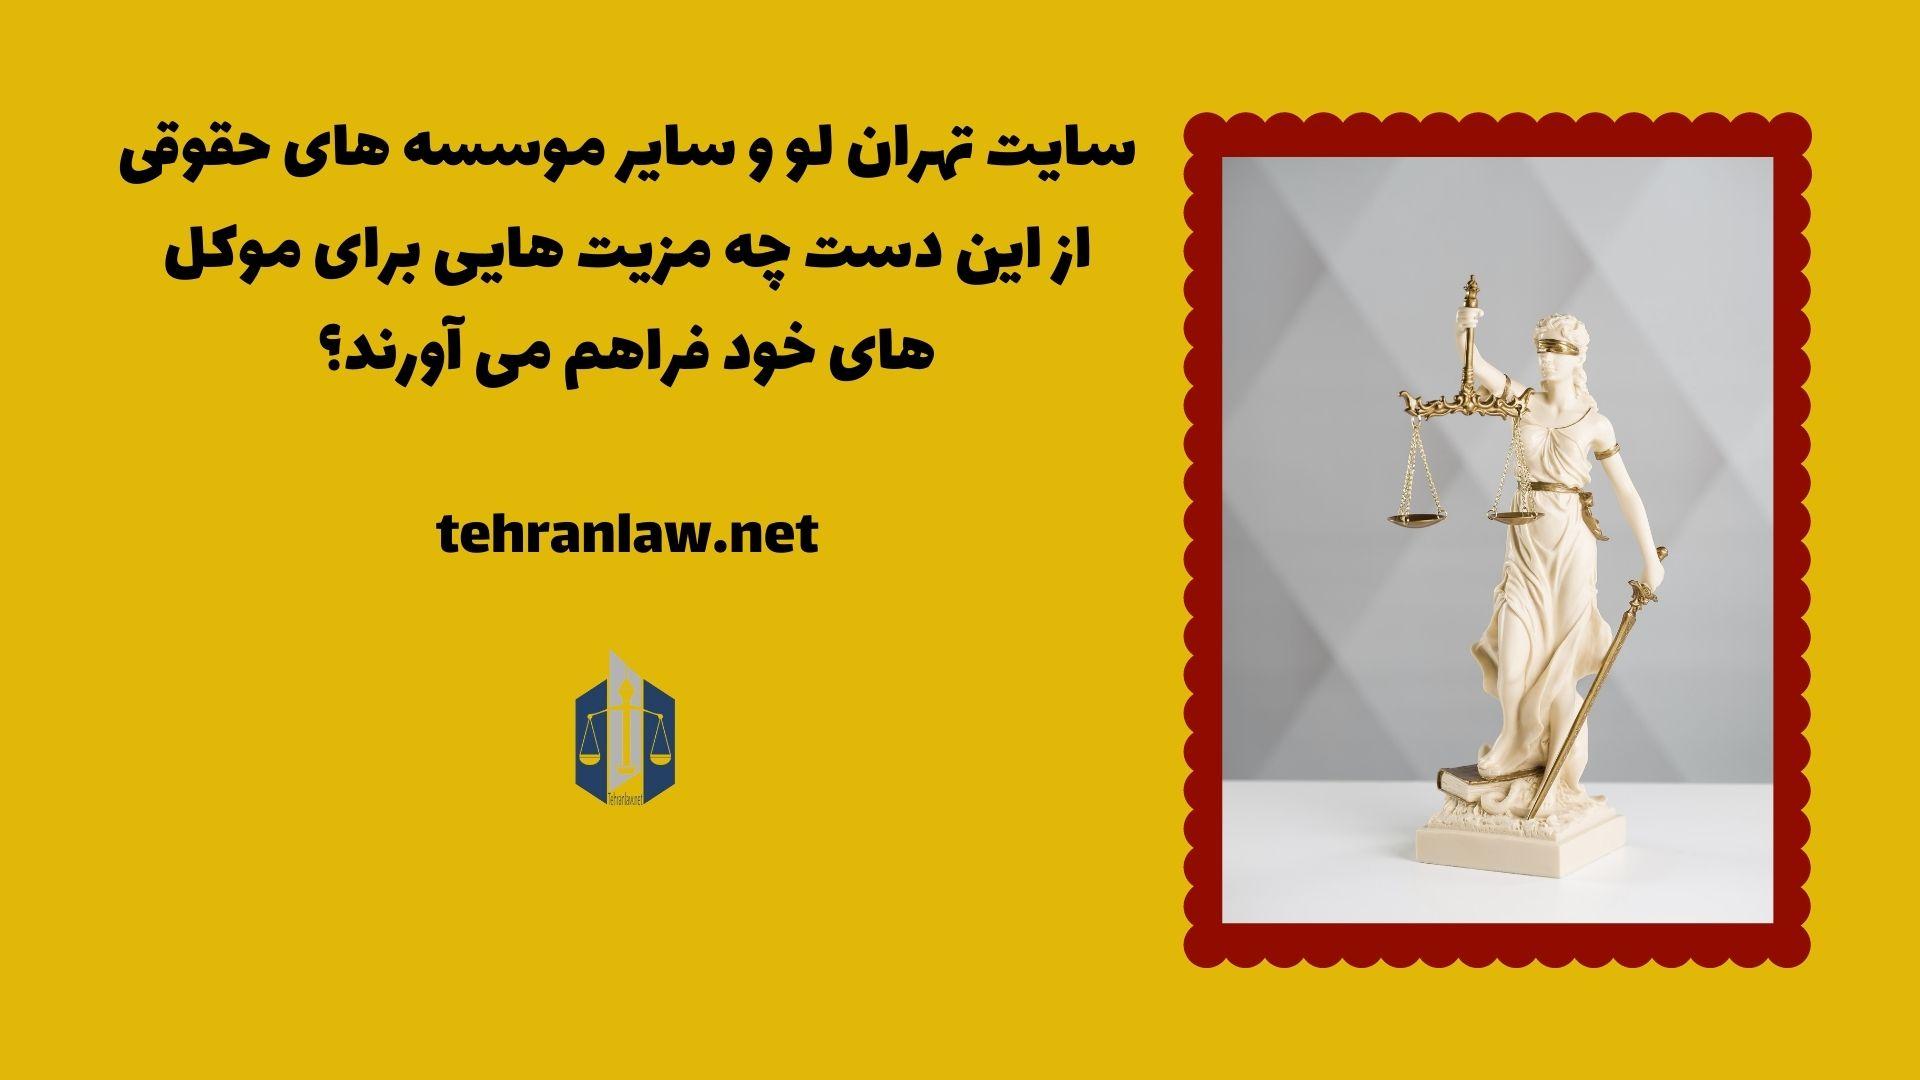 سایت تهران لو و سایر موسسه های حقوقی از این دست چه مزیت هایی برای موکل های خود فراهم می آورند؟